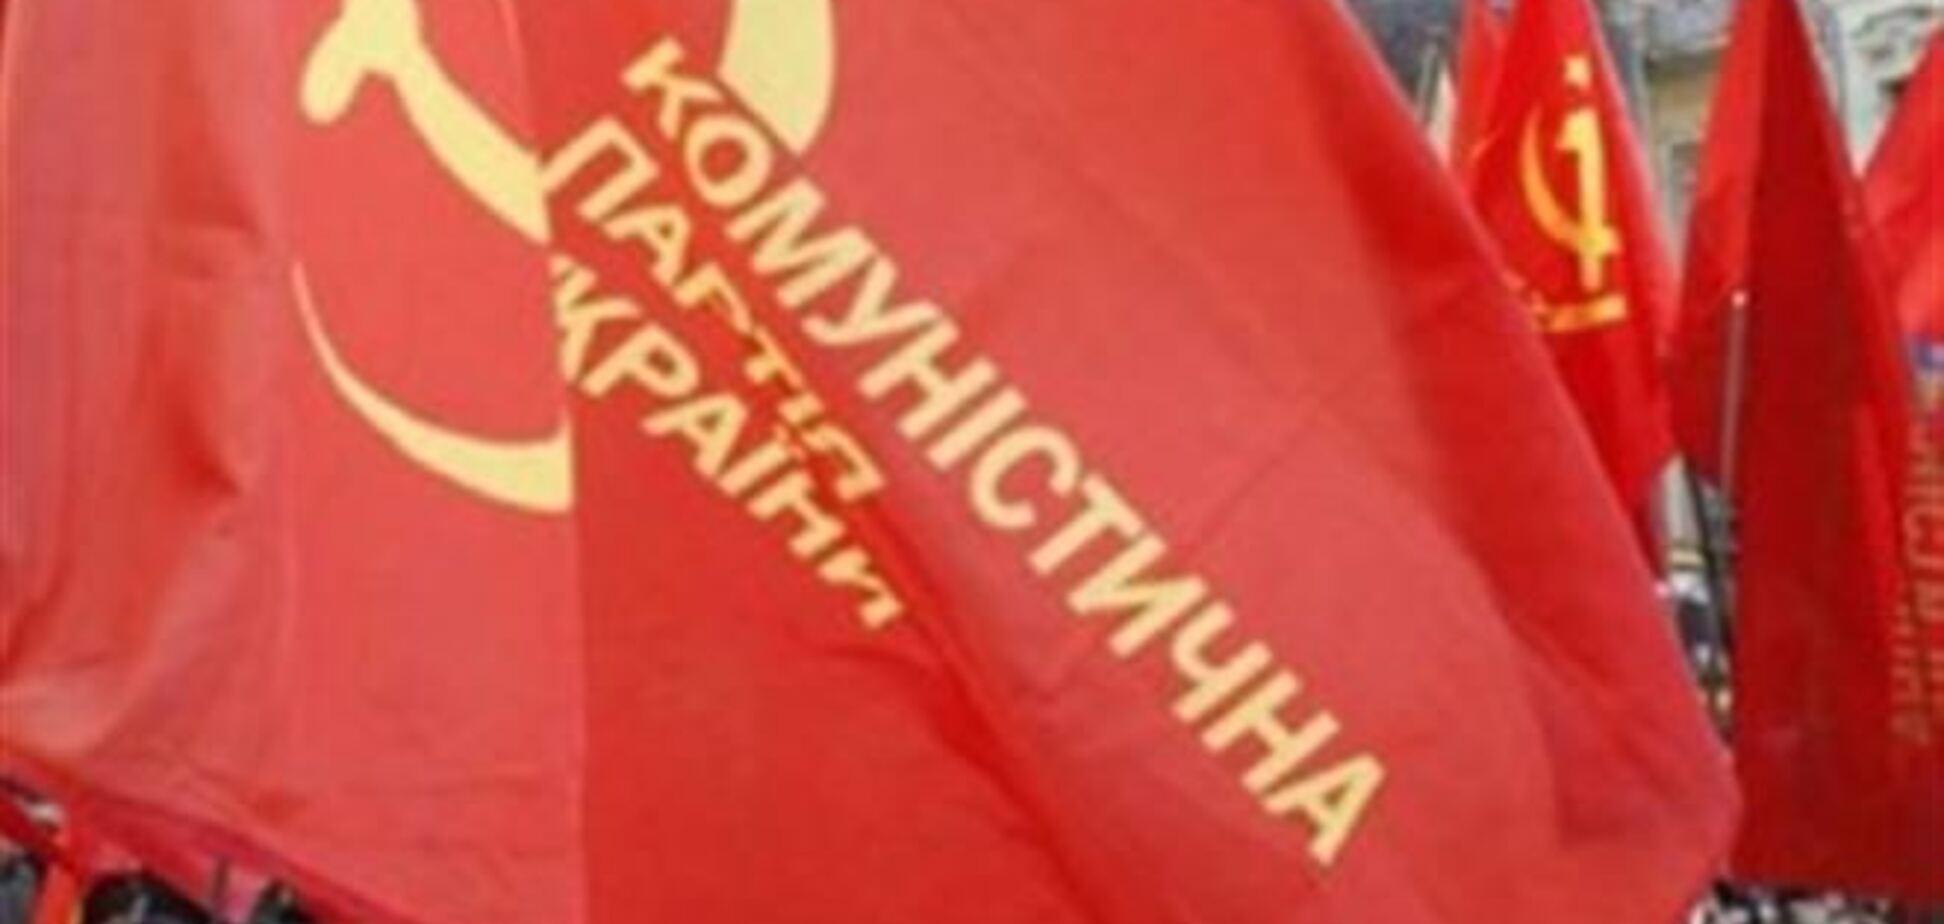 В Киеве свободовцы напали на коммуниста с баллончиком - КПУ